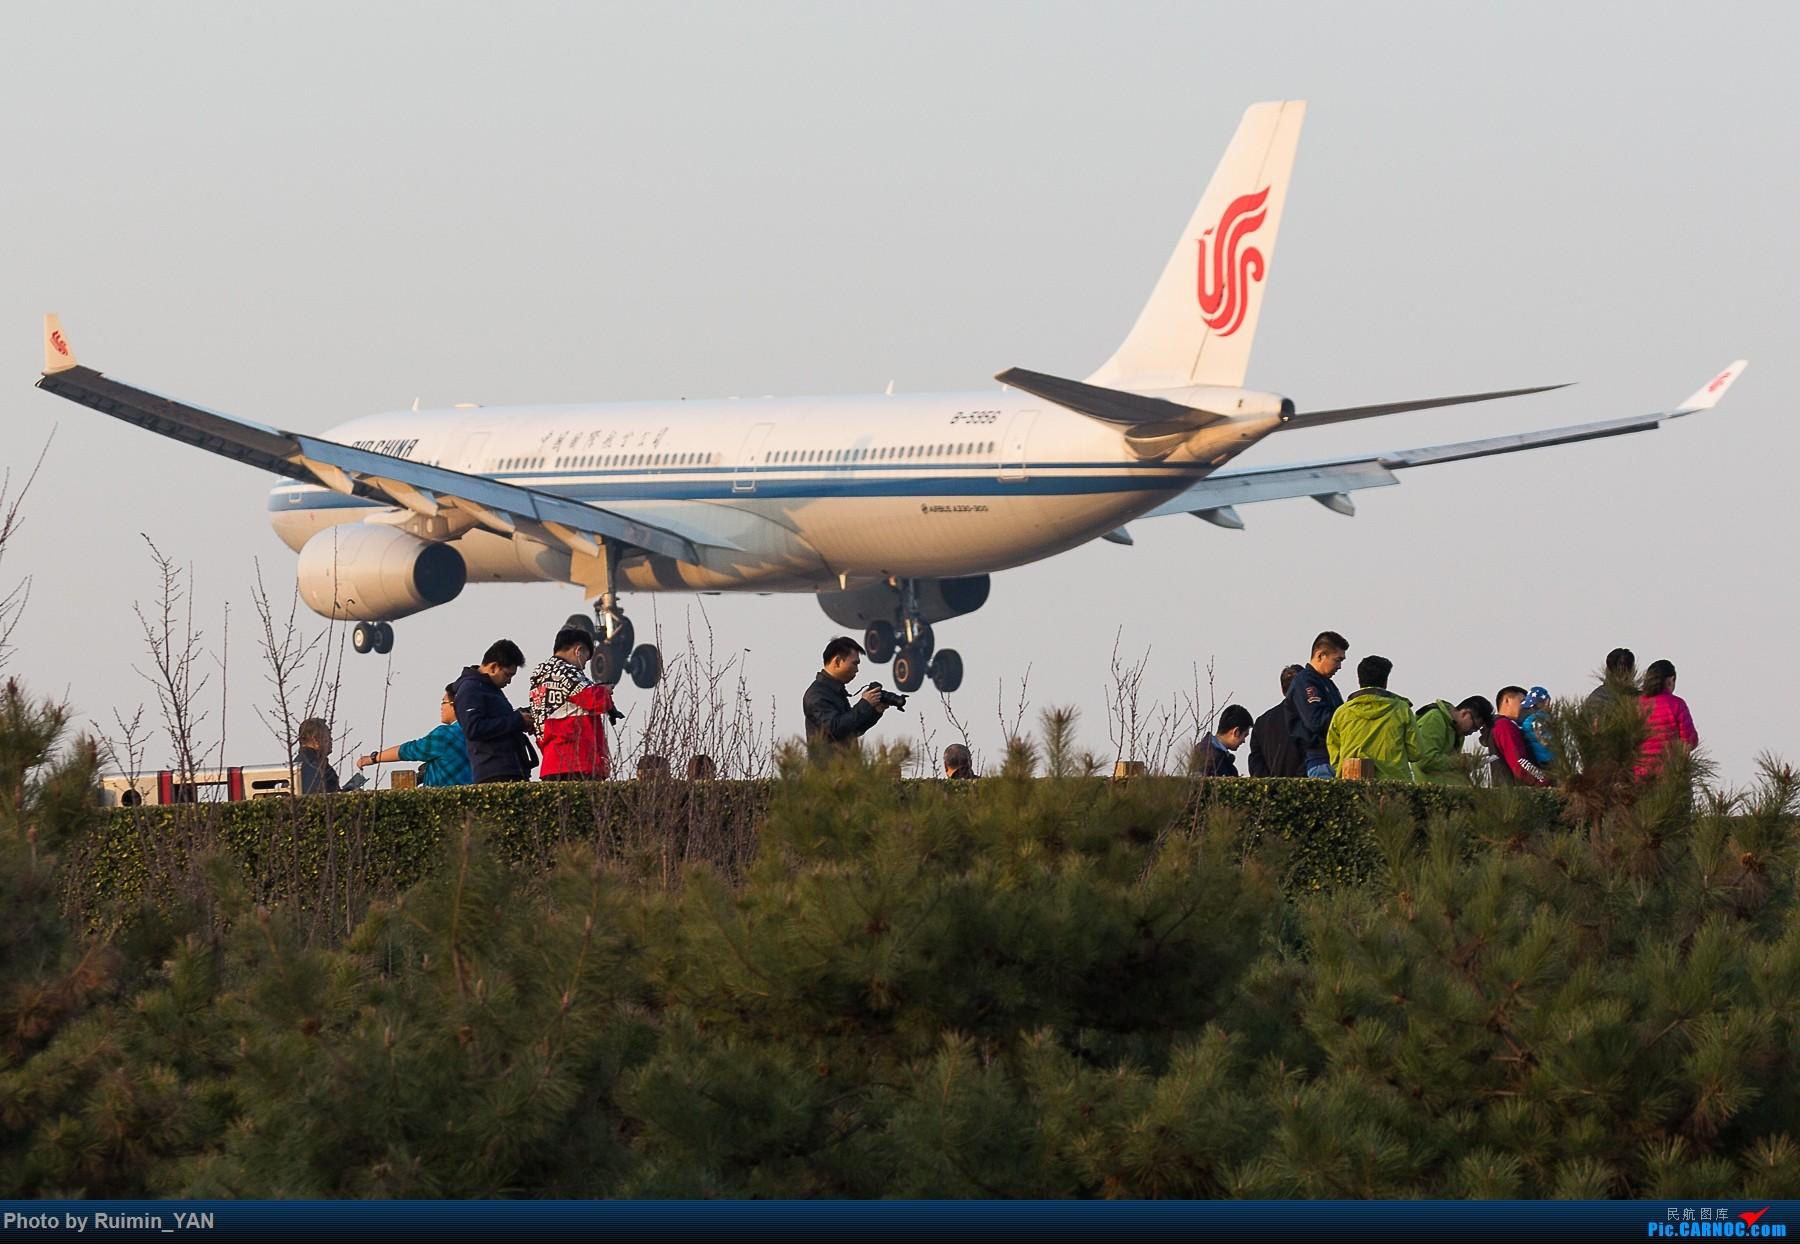 Re:[原创]【PEK飞友会】八卦台上的拍飞机的人们被强势剃头 AIRBUS A330-300 B-5956 中国北京首都国际机场